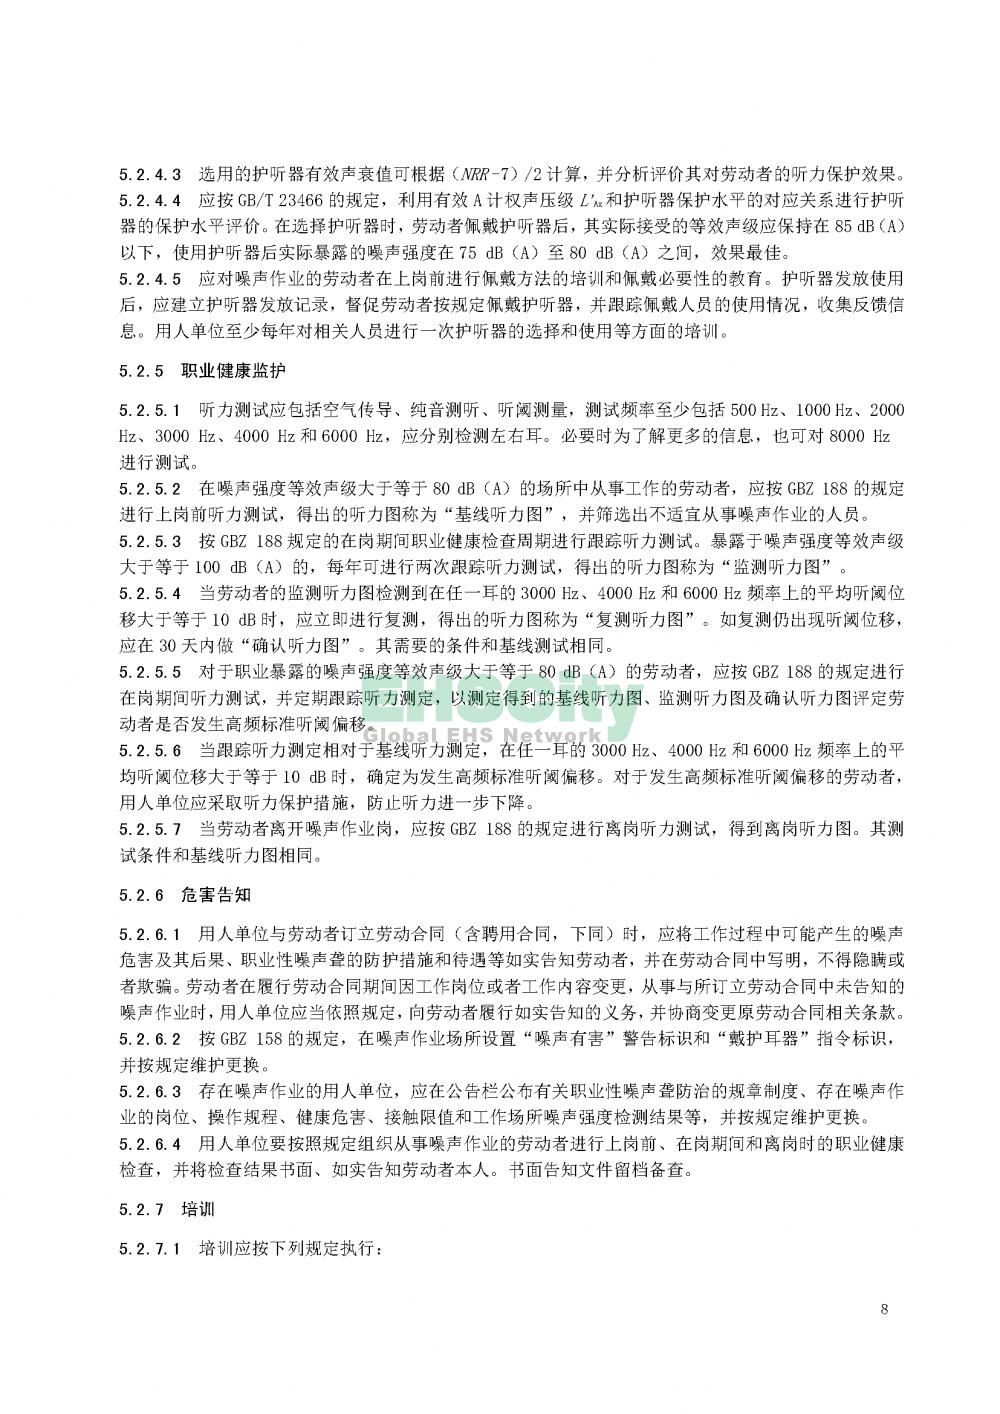 噪声职业病危害风险管理指南_页面_11